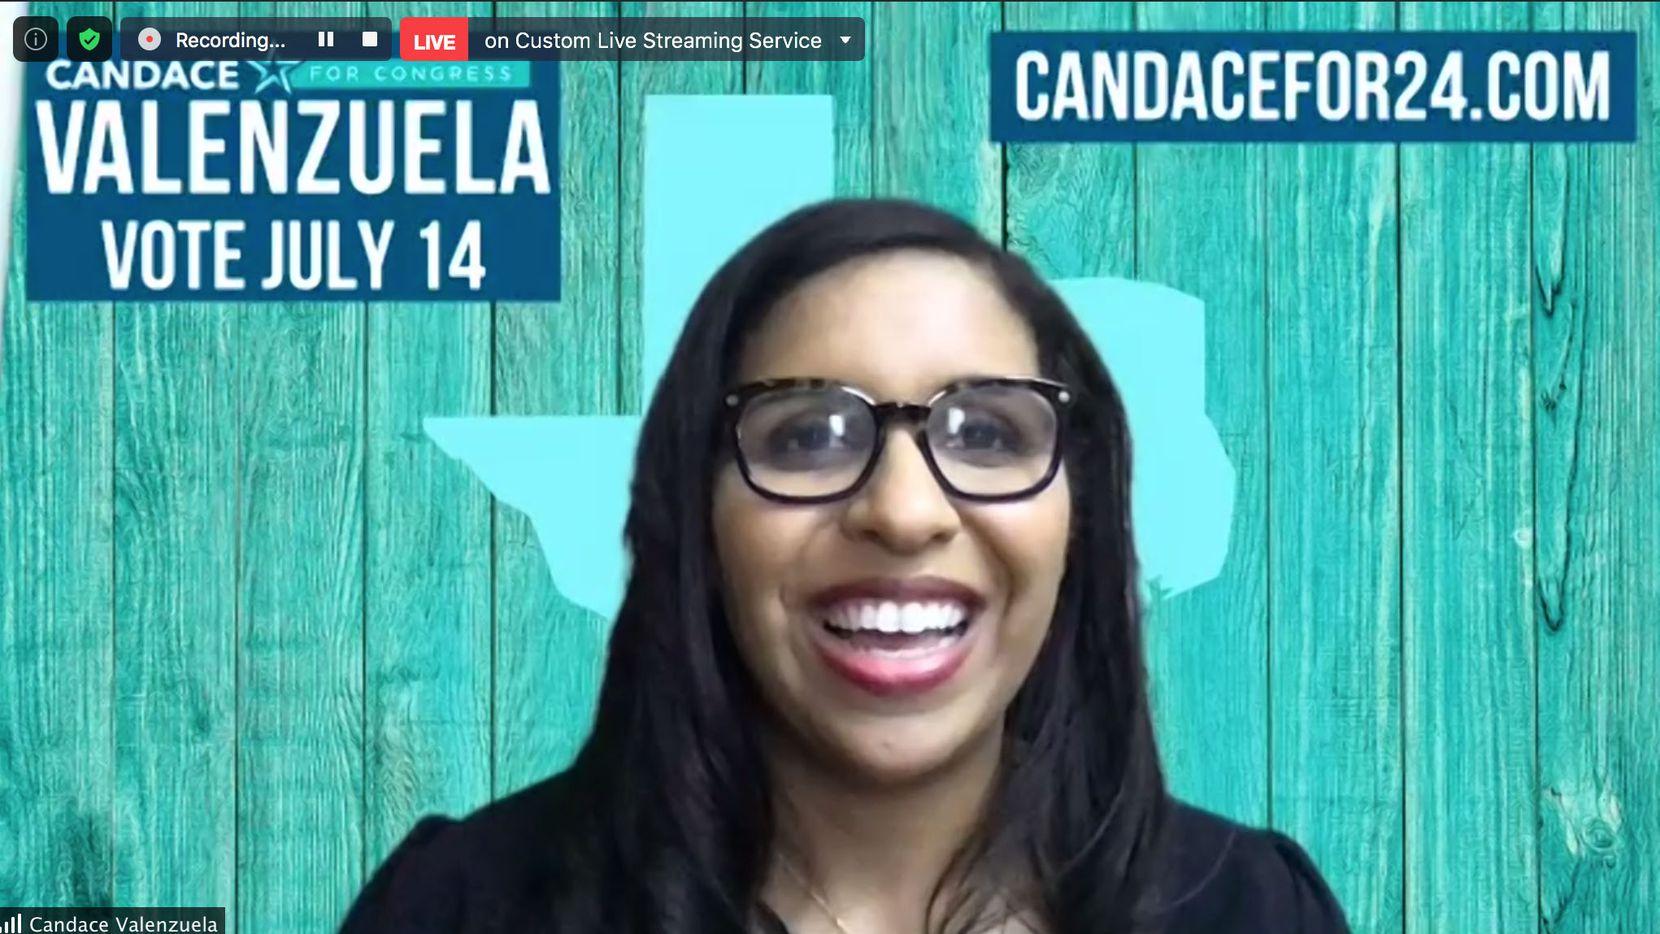 La candidata Candace Valenzuela declaró su victoria en la segunda ronda de la elección primaria demócrata, el martes por la noche. Valenzuela enfrentará a la republicana Beth Van Duyne por el puesto de representante federal del distrito 24.